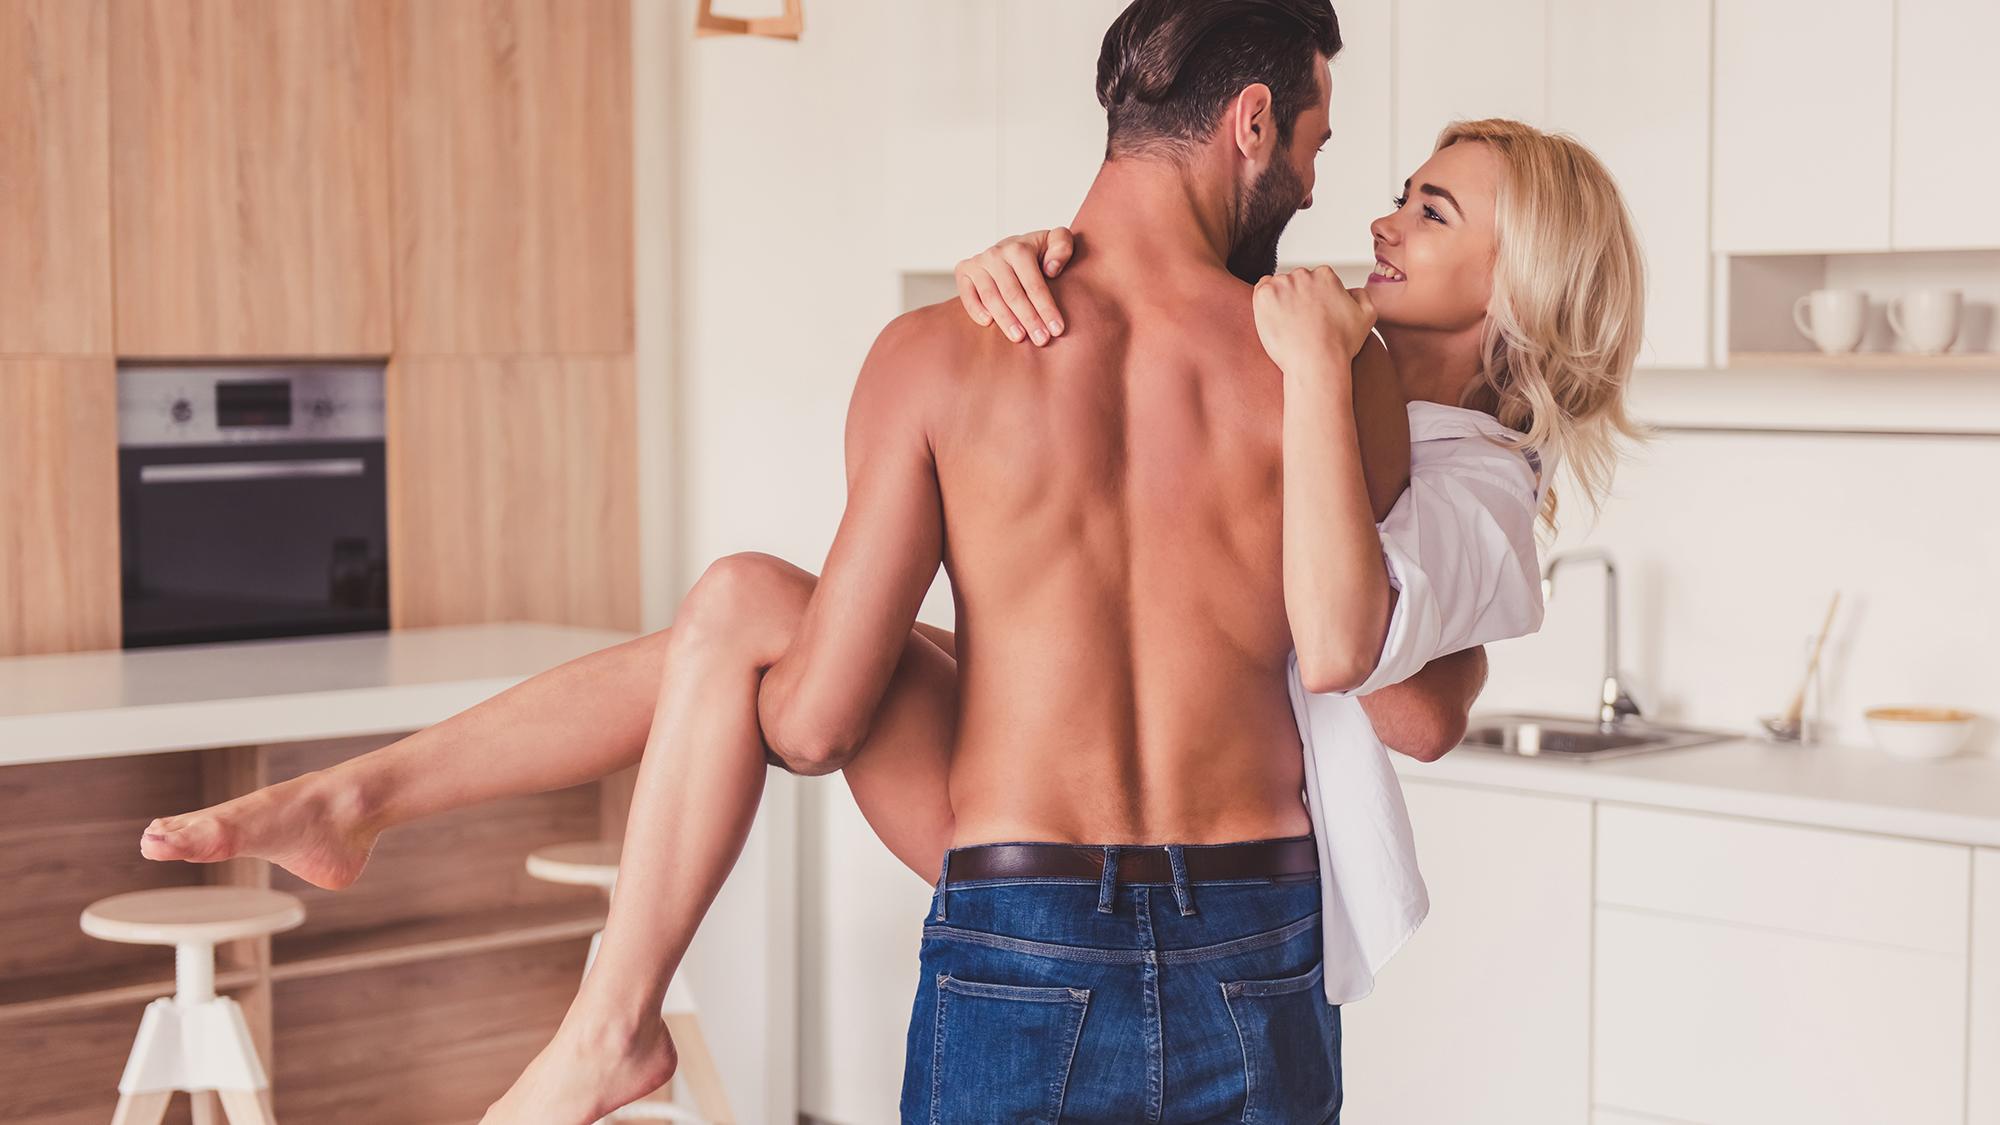 zaručené stránky sex Online Zoznamka dovolenka